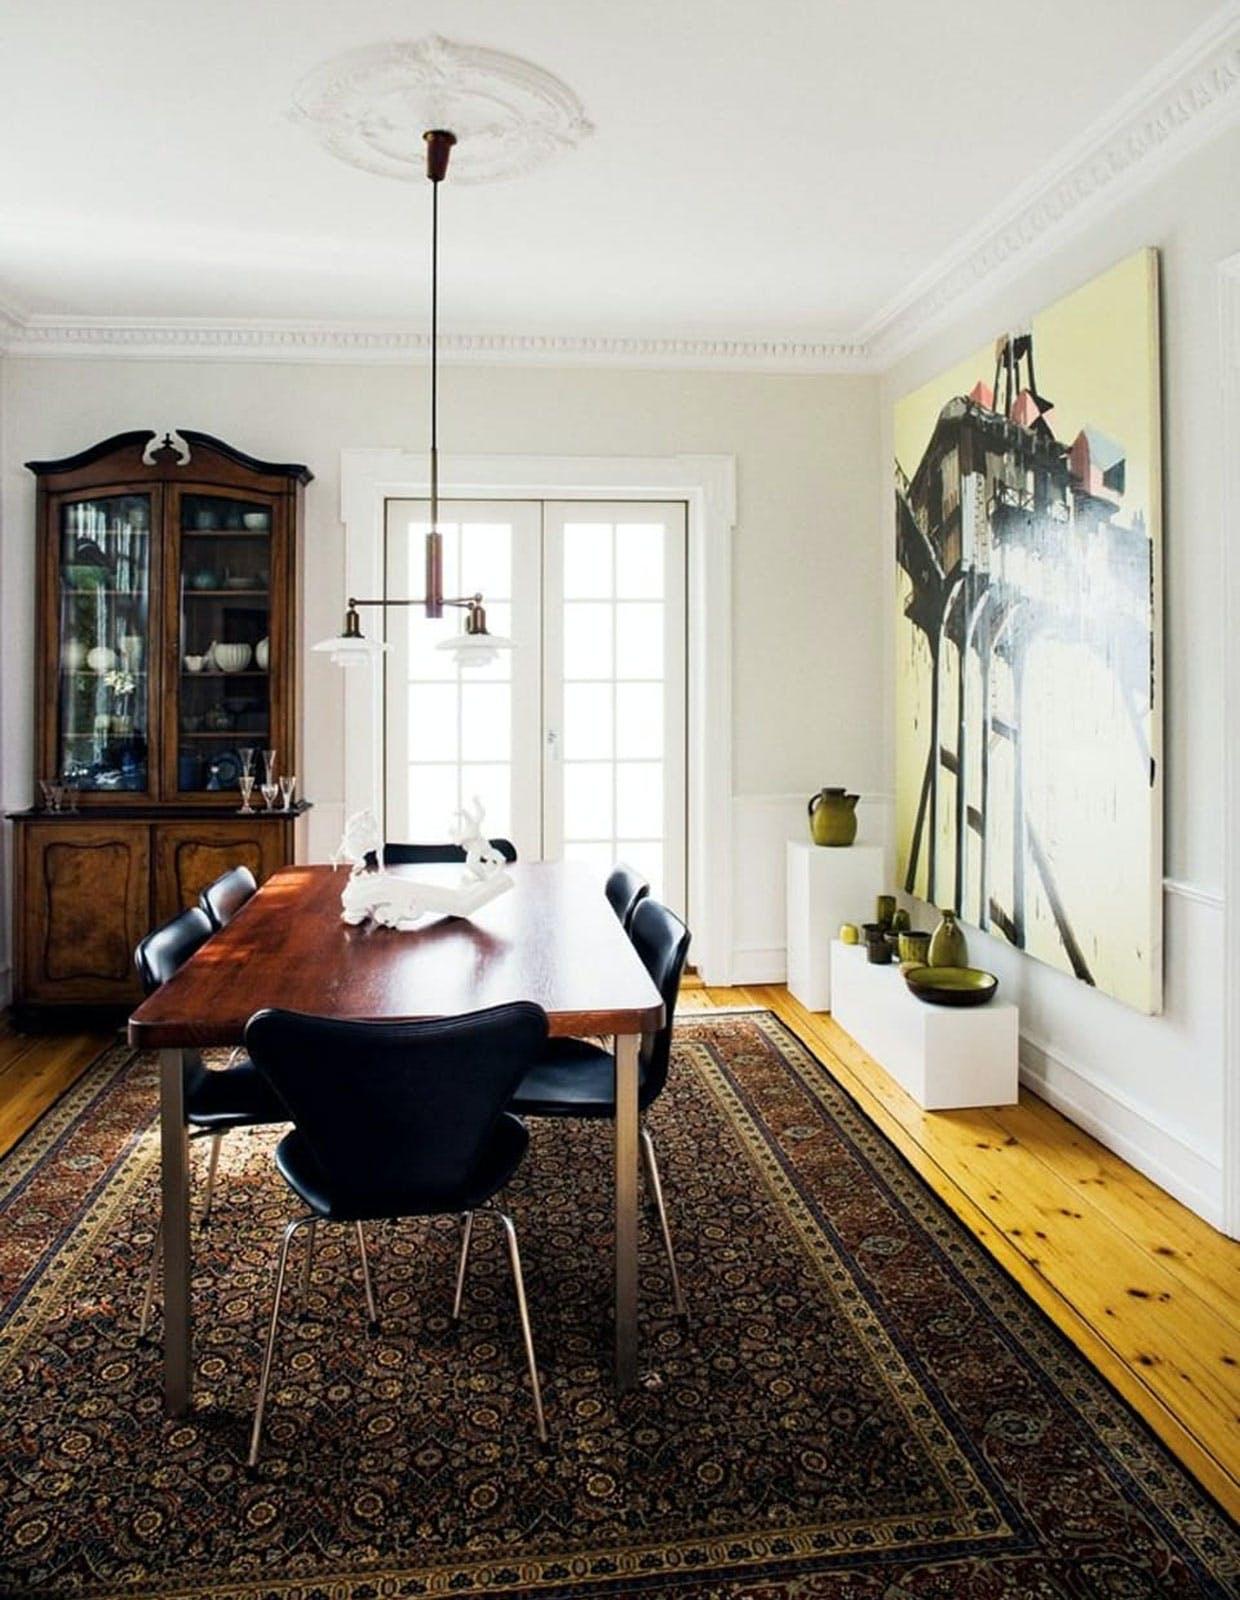 Nyklassicistisk stue i murermestervilla.